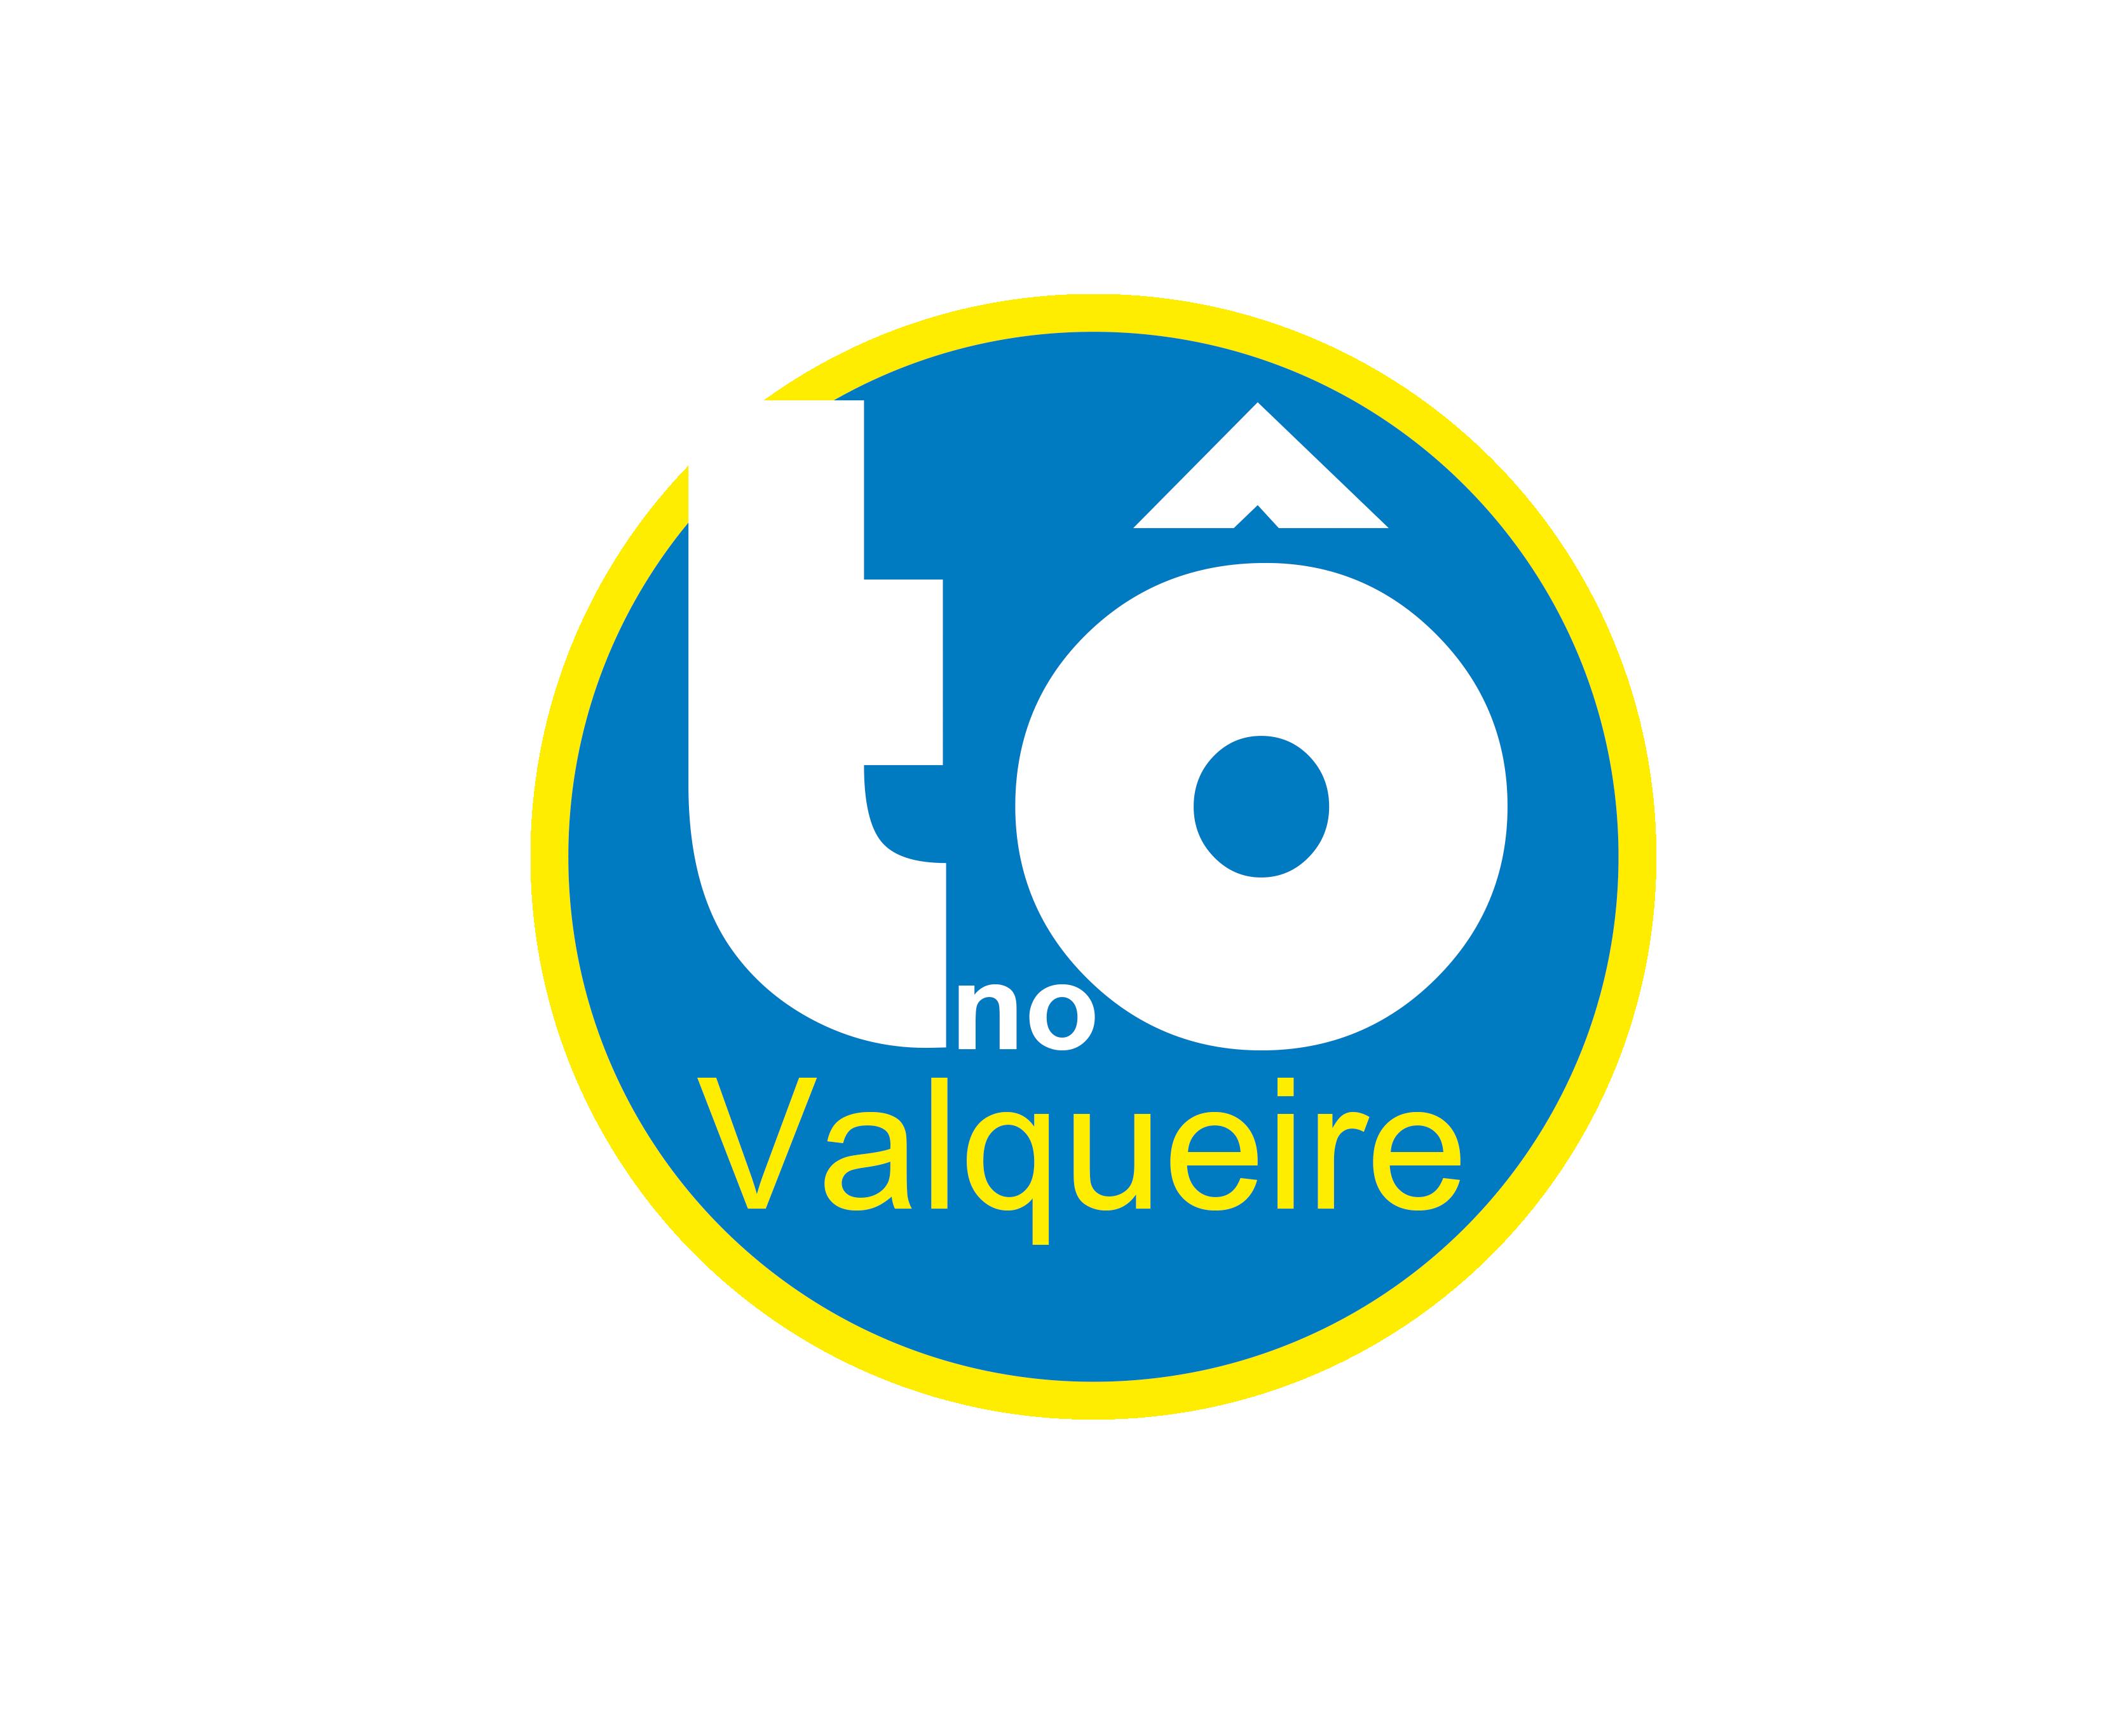 Logo Tô no Valqueire